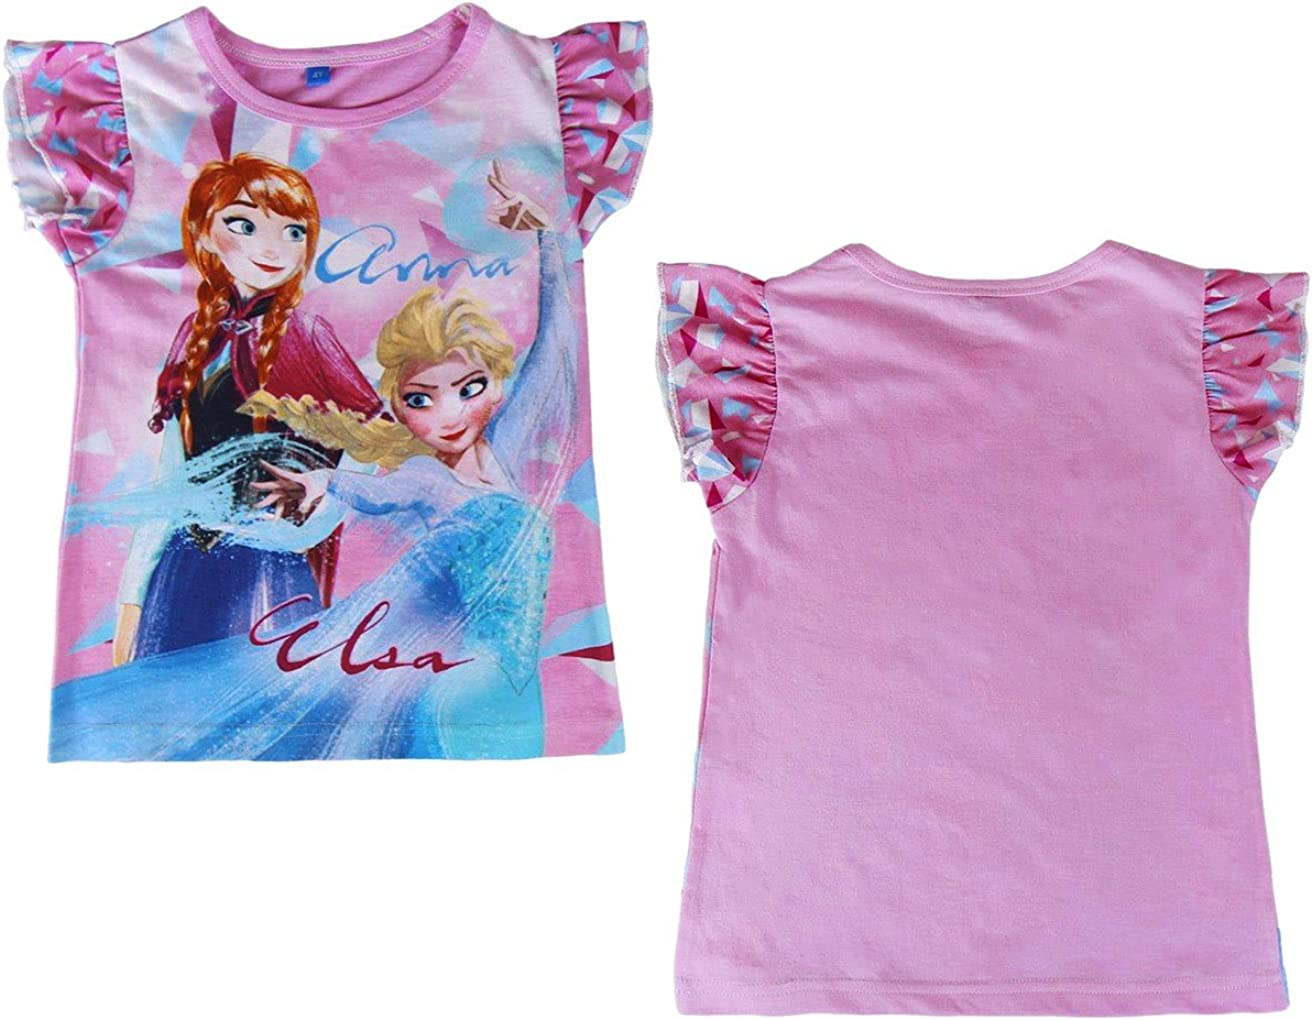 MEDIA WAVE store T-Shirt Bambina Frozen Elsa e Anna 2200001949 in Cotone Taglia da 3 a 7 Anni 4 Anni